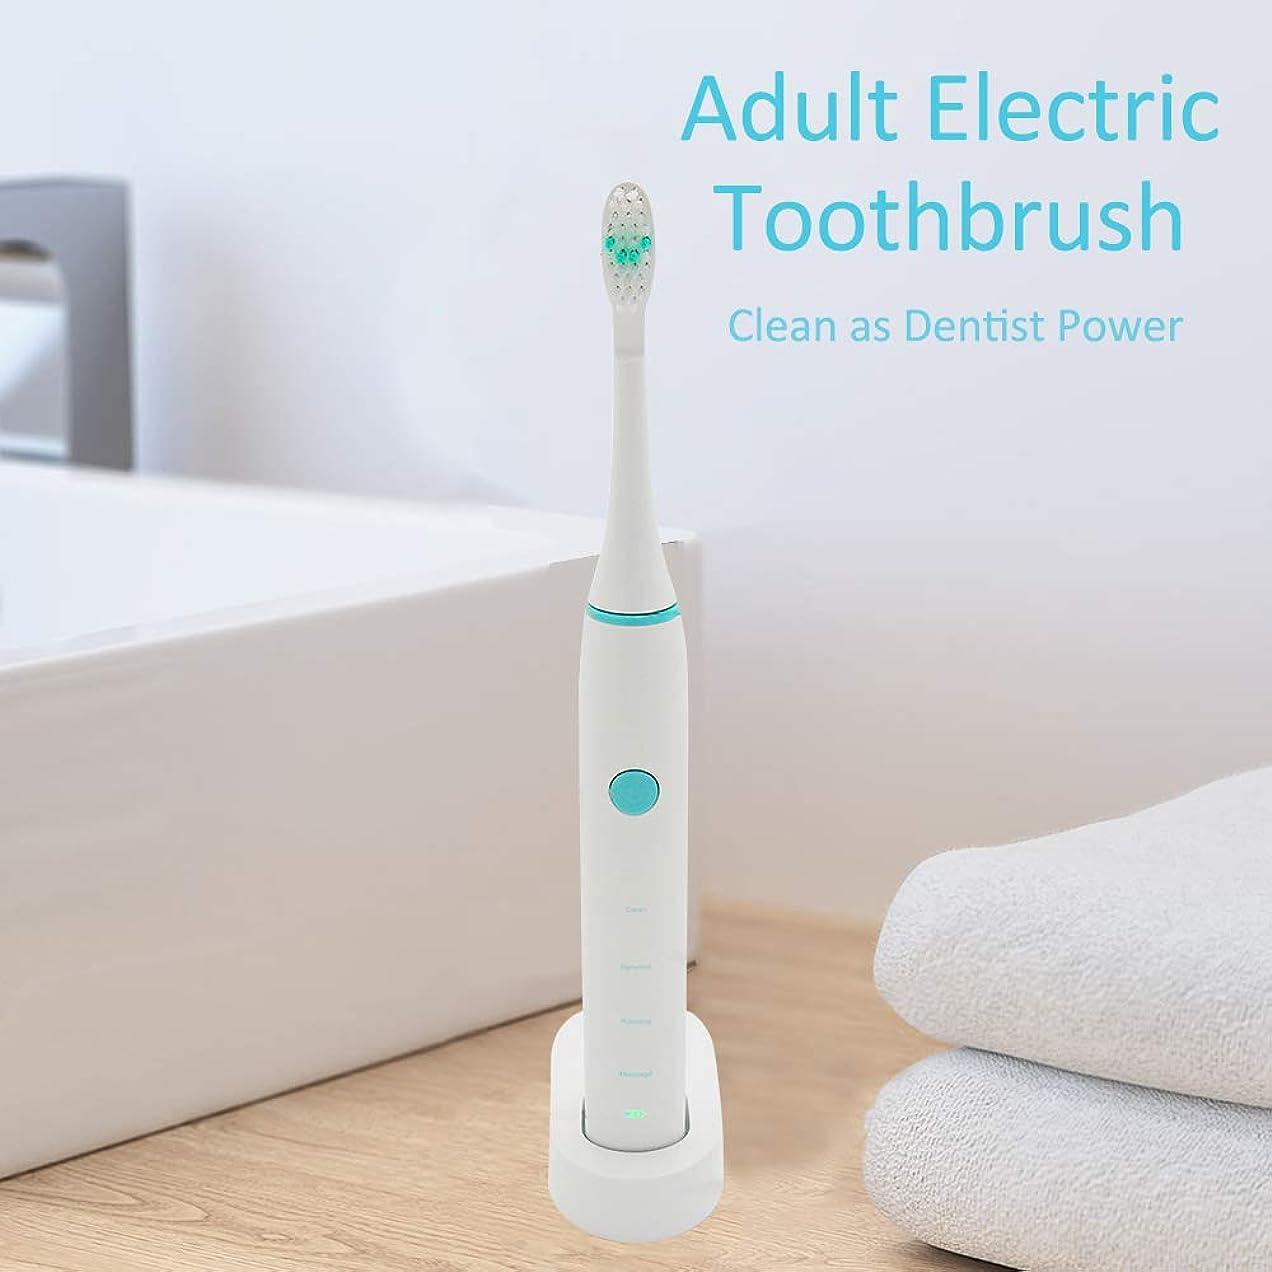 コマンドガソリンサルベージRakuby 家 旅行使用 2つブラシ 頭部付き 歯科医力 再充電 可能 防水 きれい 大人 電動歯ブラシ